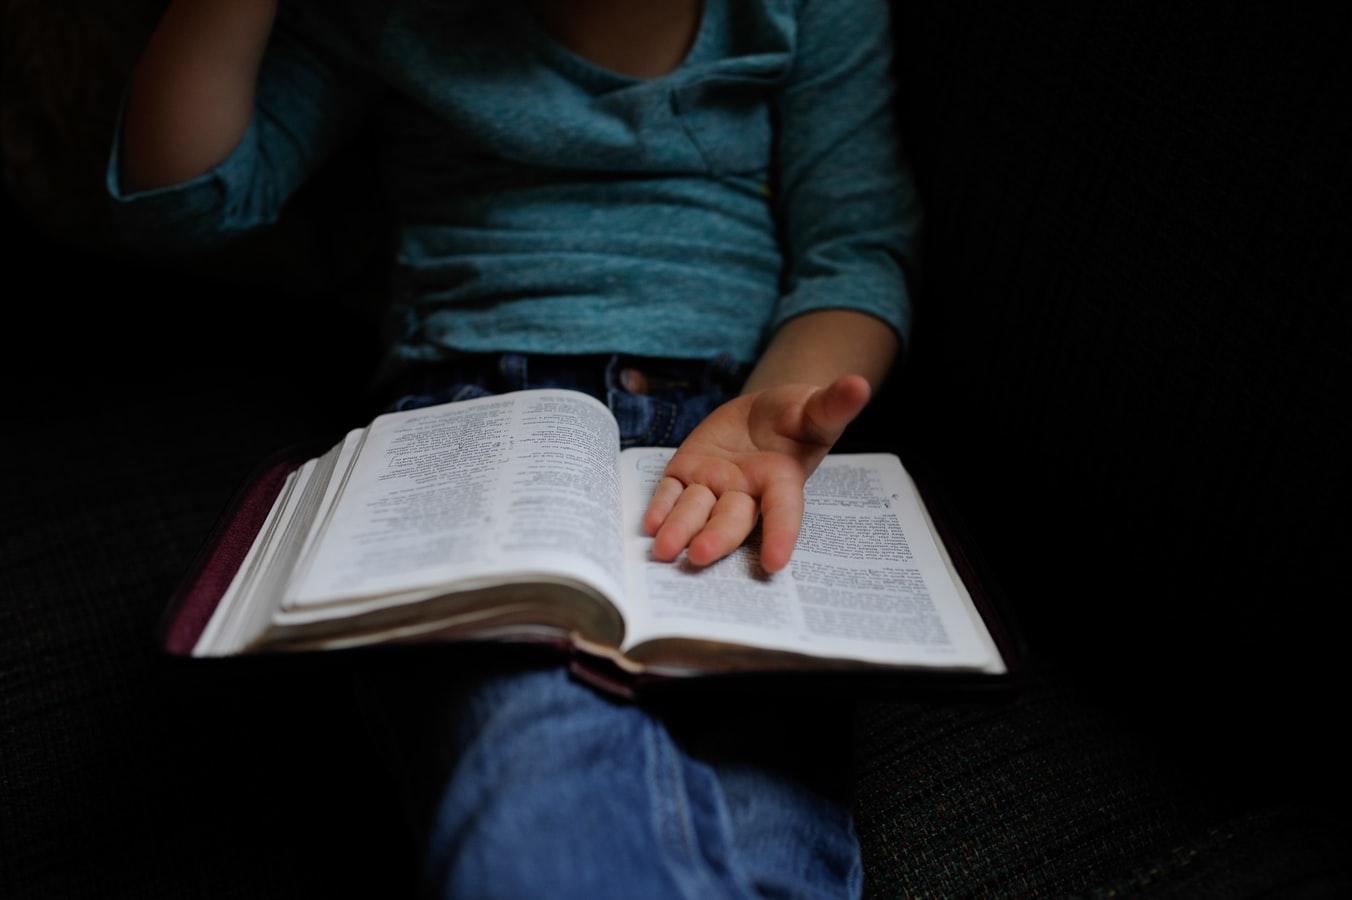 Πώς να βοηθήσω το παιδί μου να είναι συνεπές με τις υποχρεώσεις του και το διάβασμα